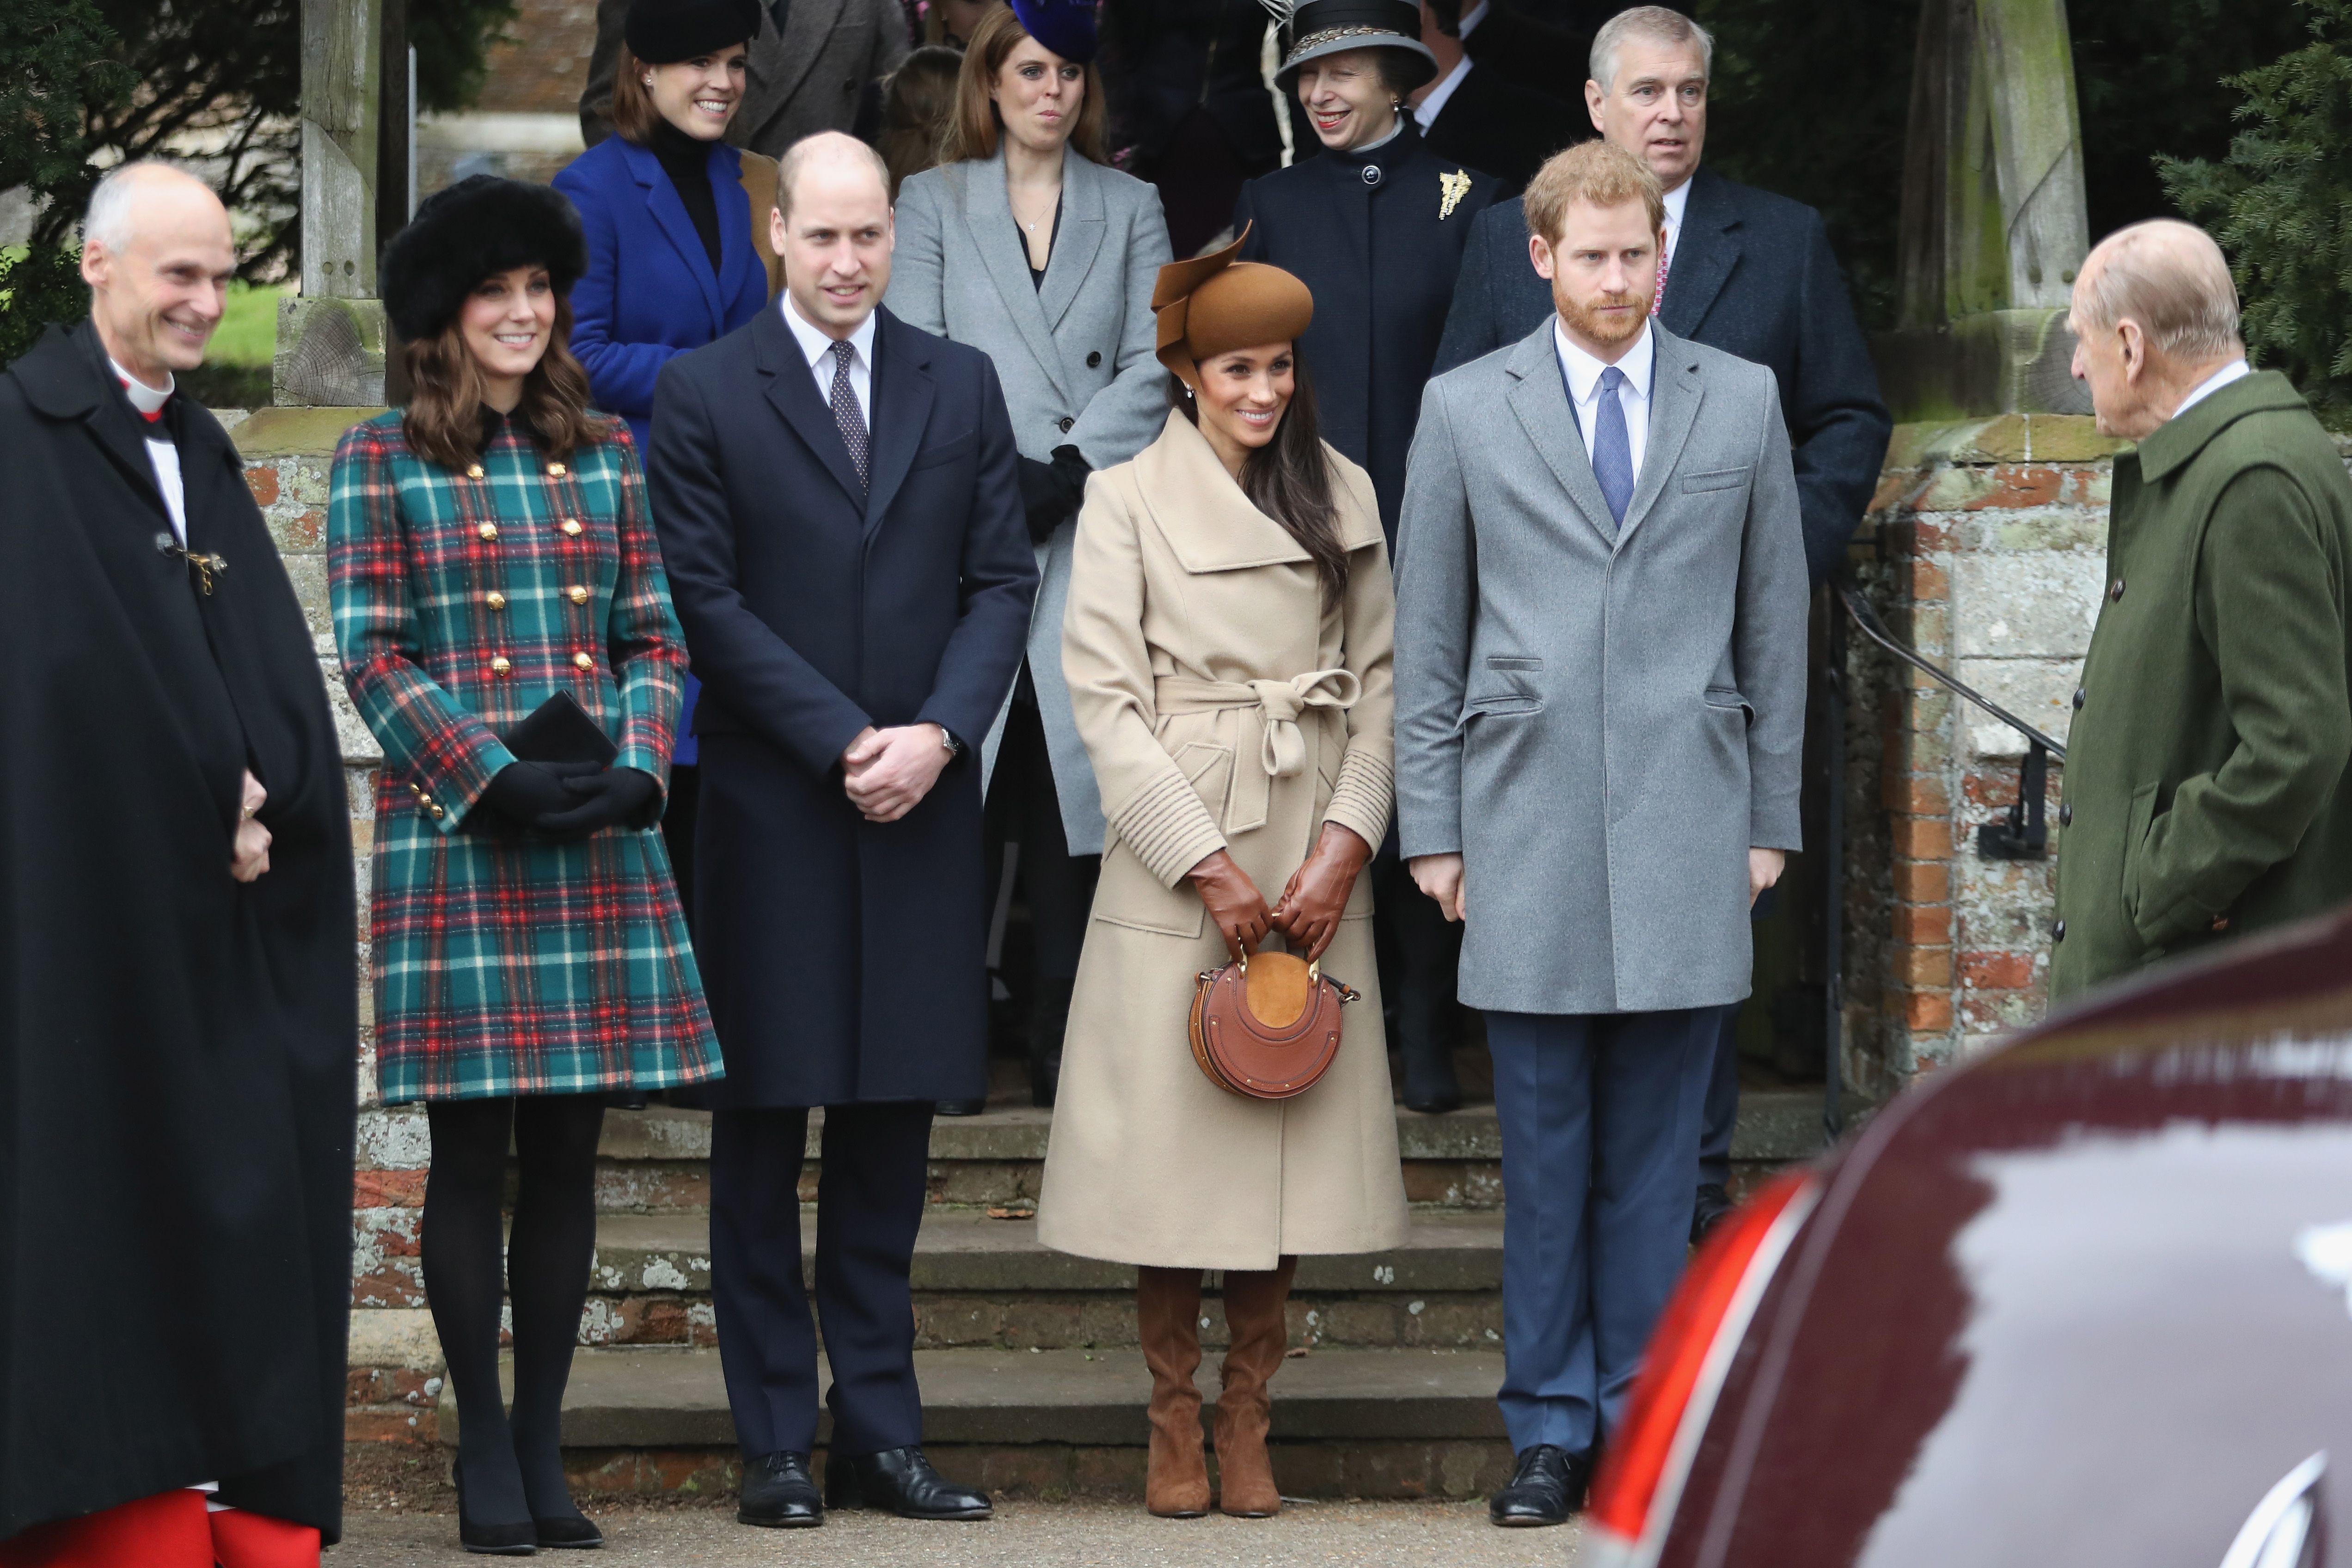 Royal Christmas.10 Royal Christmas Traditions Meghan Markle Will Follow